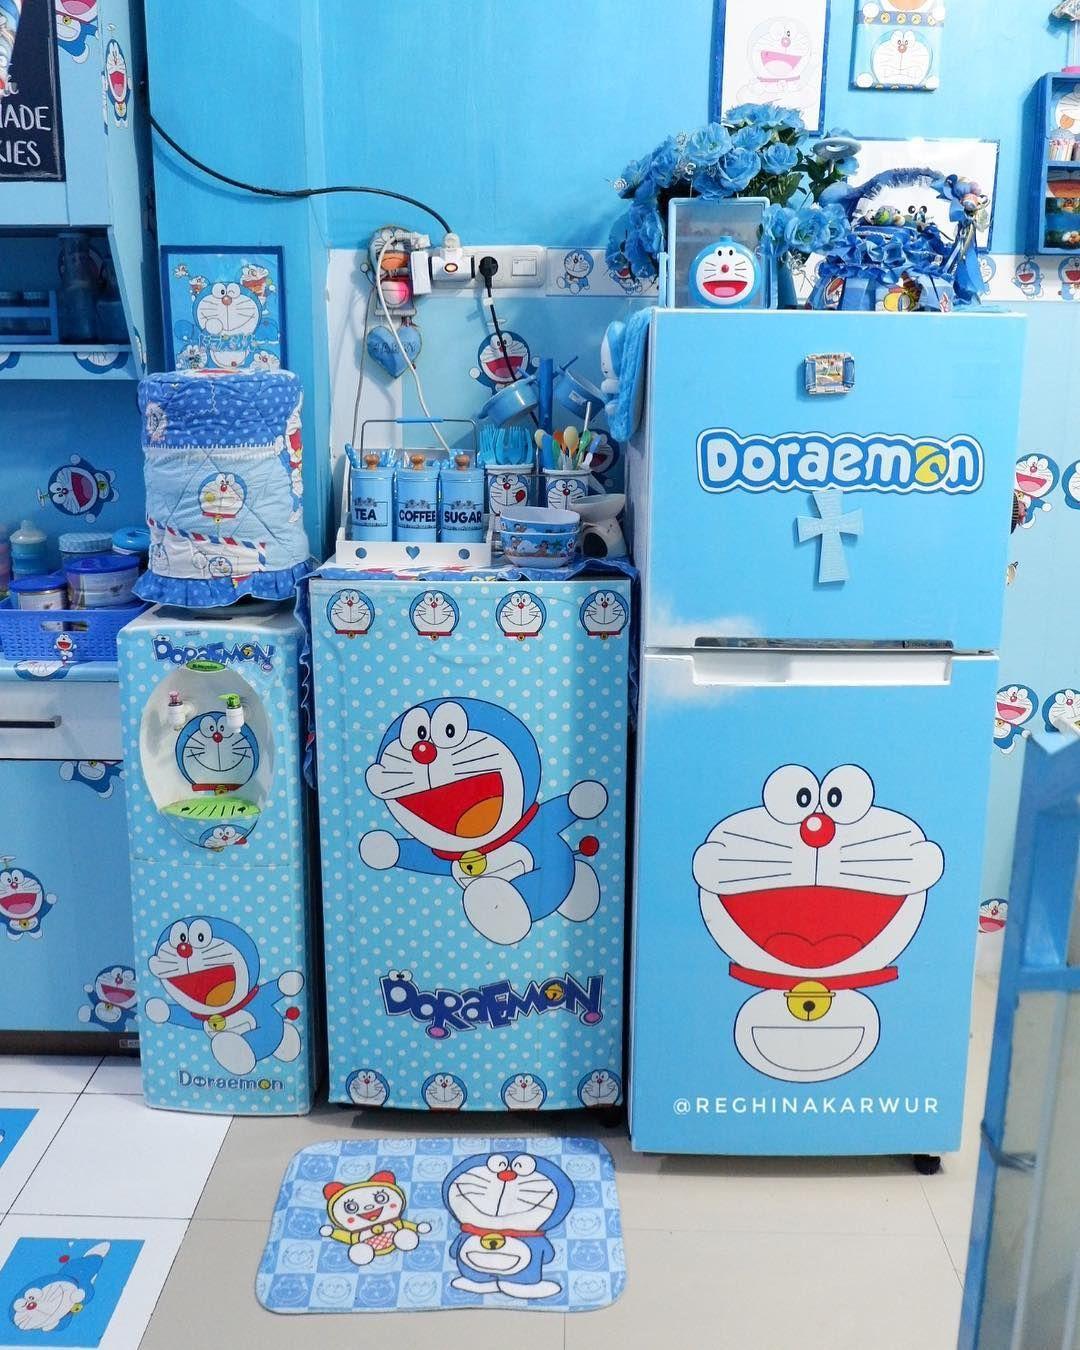 10 Potret Rumah Bertema Doraemon Ini Ada Di Bitung Sulawesi